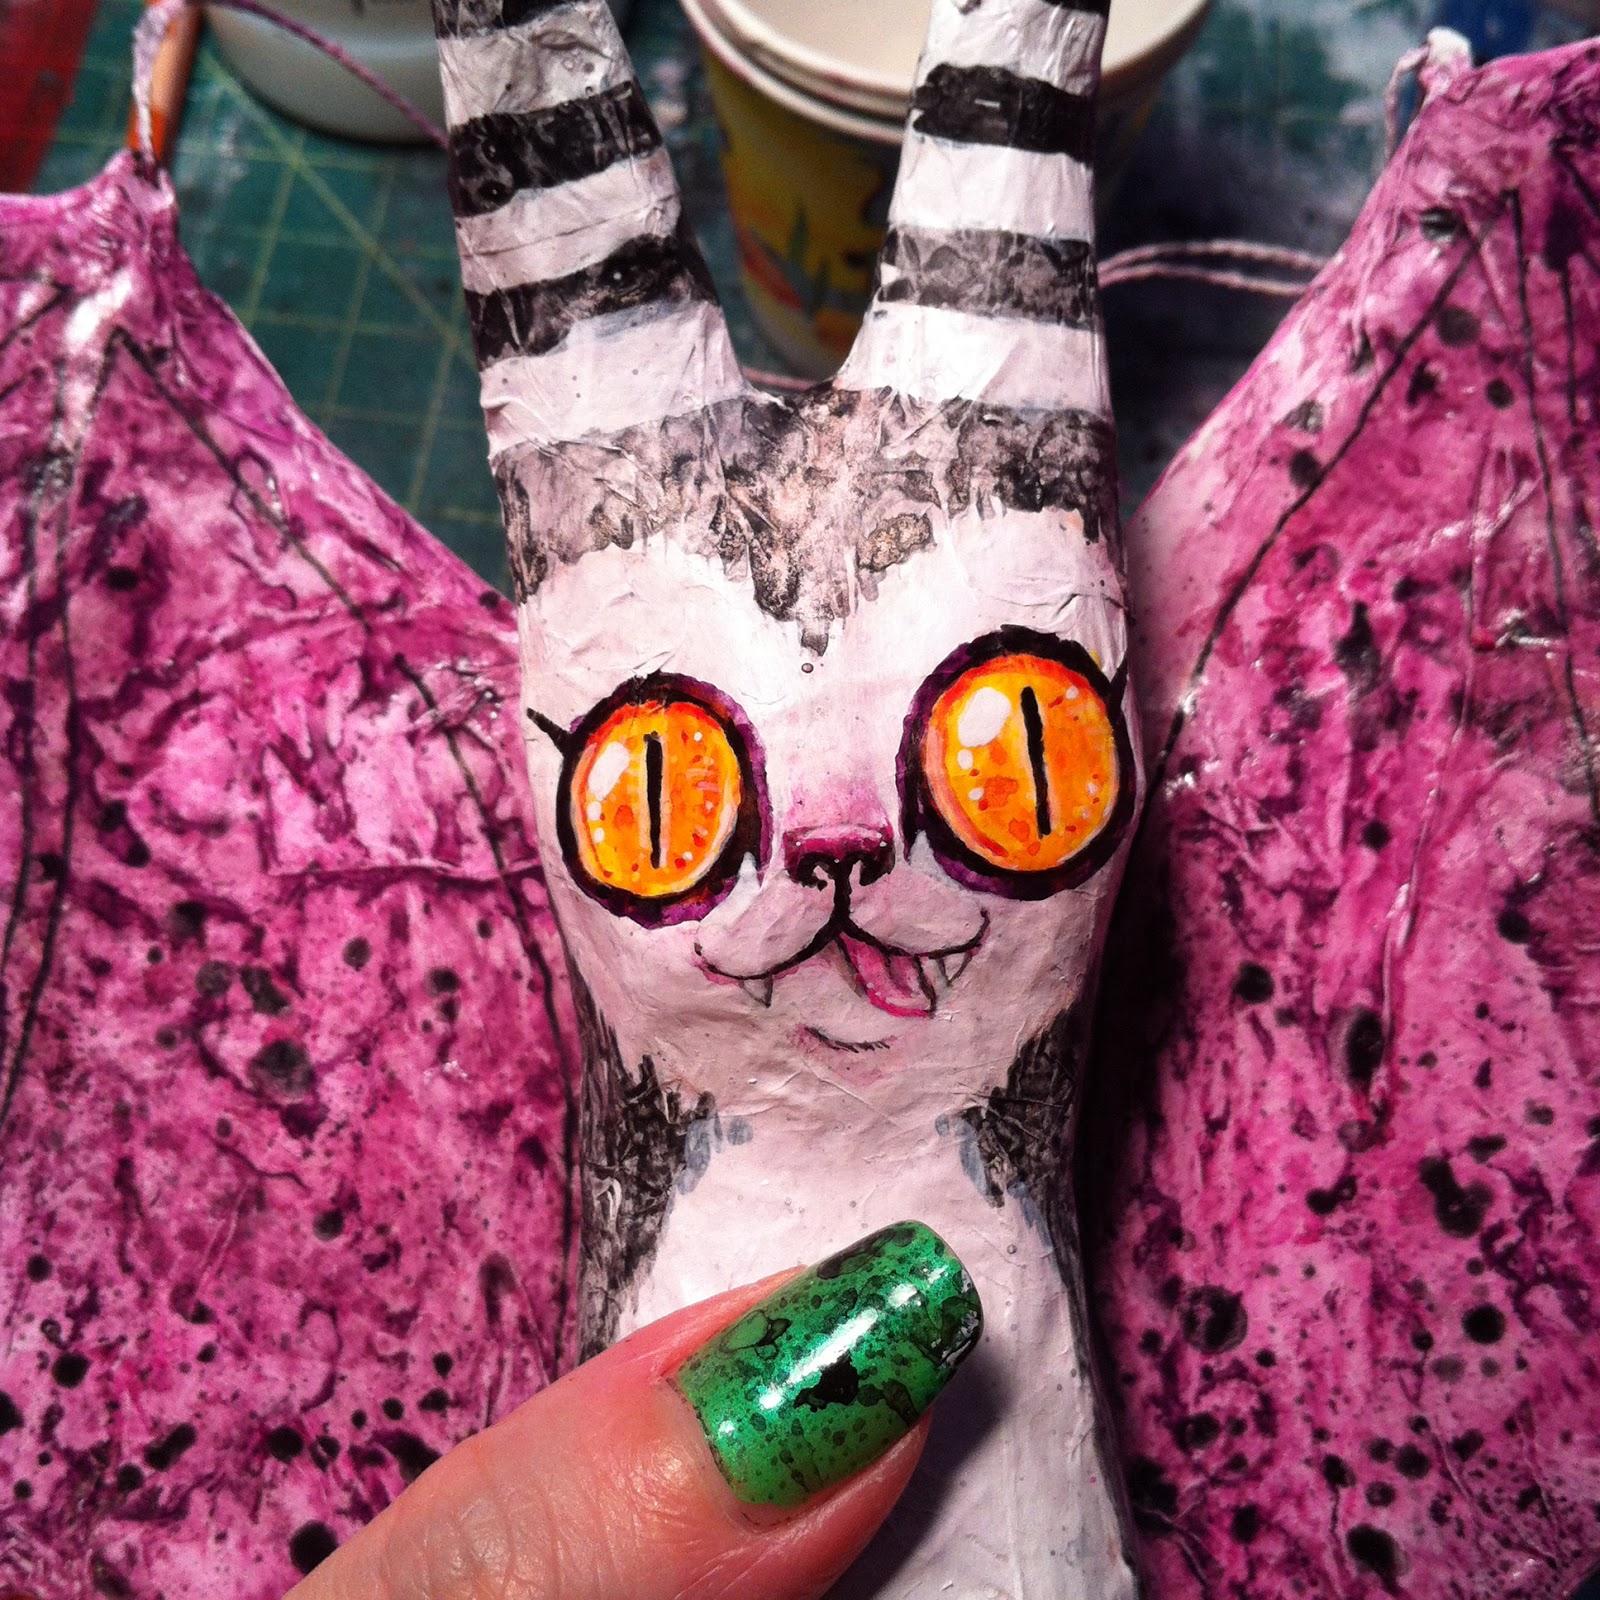 Papier Mache Bat face painting shot (blacklilypie.blogspot.com)